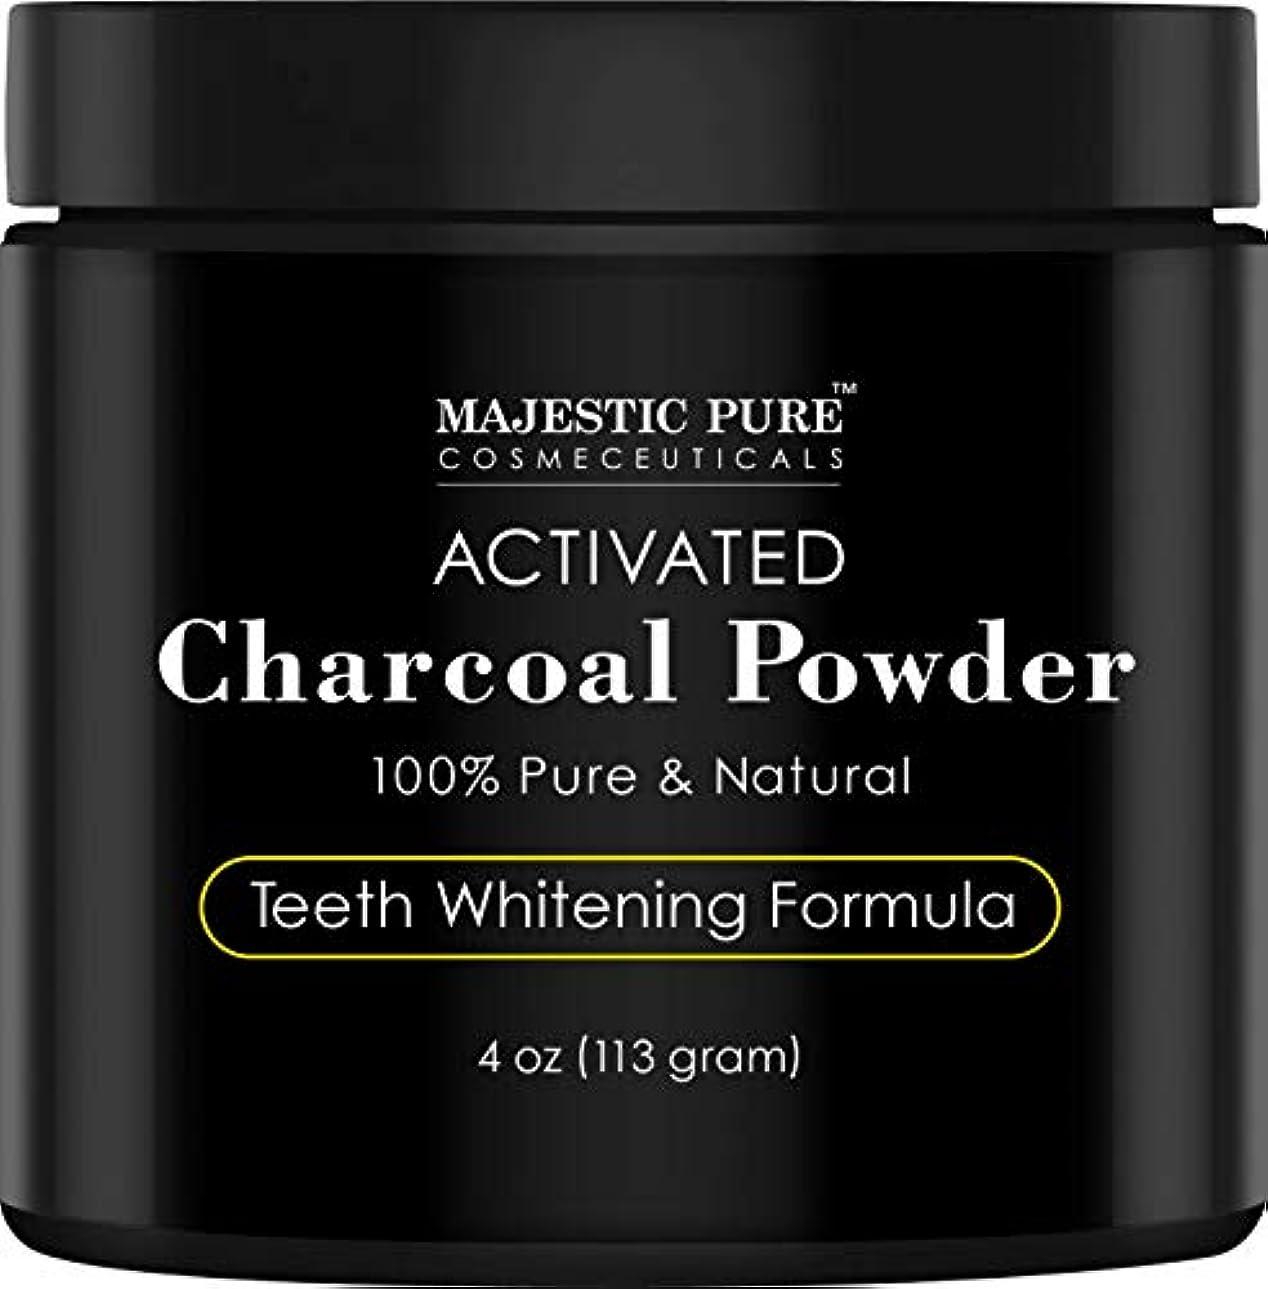 定説エンゲージメント日曜日Majestic Pure Teeth Whitening Activated Charcoal Powder - Natural  歯のホワイトニング ココナッツ チャコールパウダー4 oz (113g)